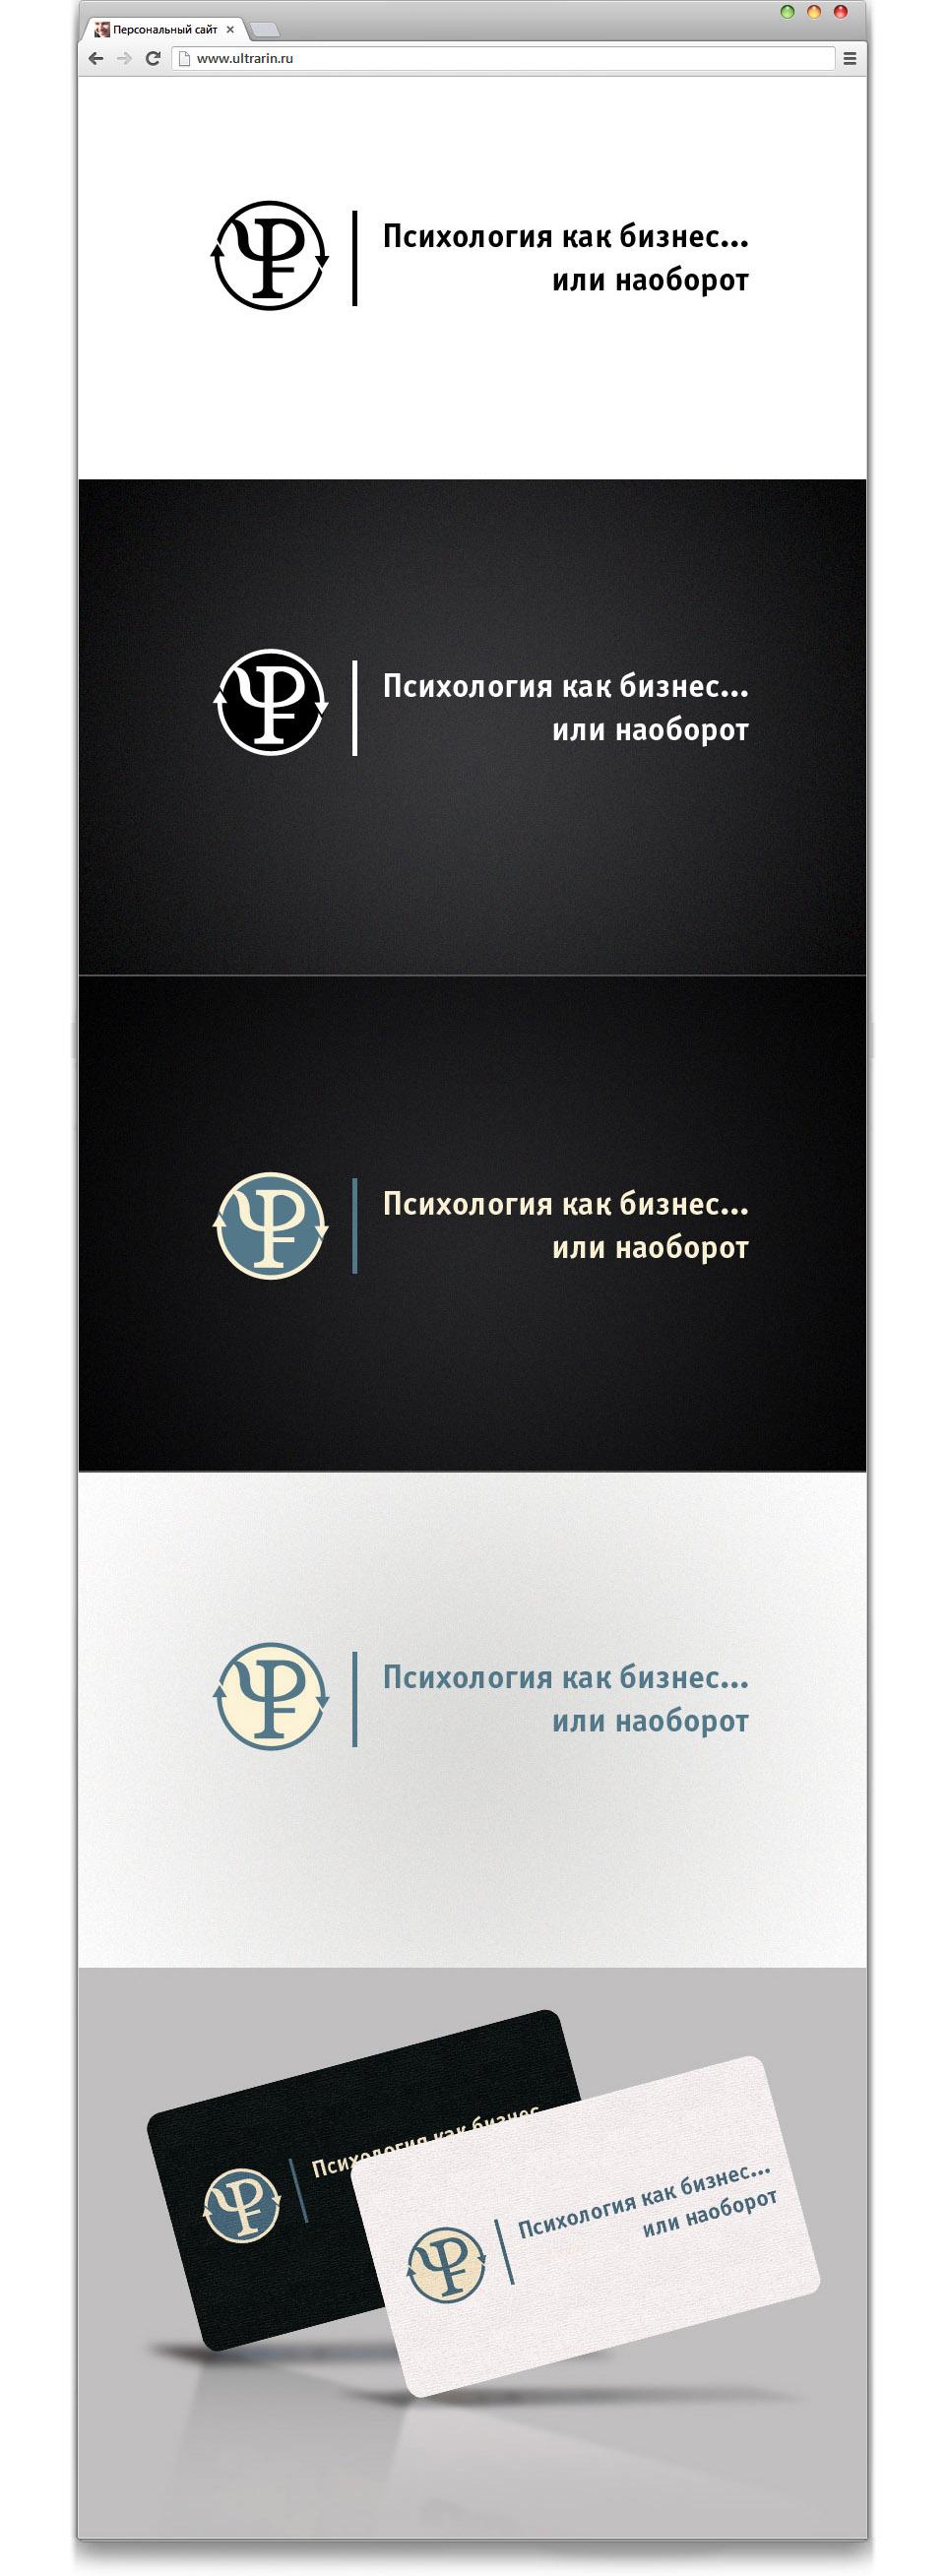 разработка логотипа для паблика вк